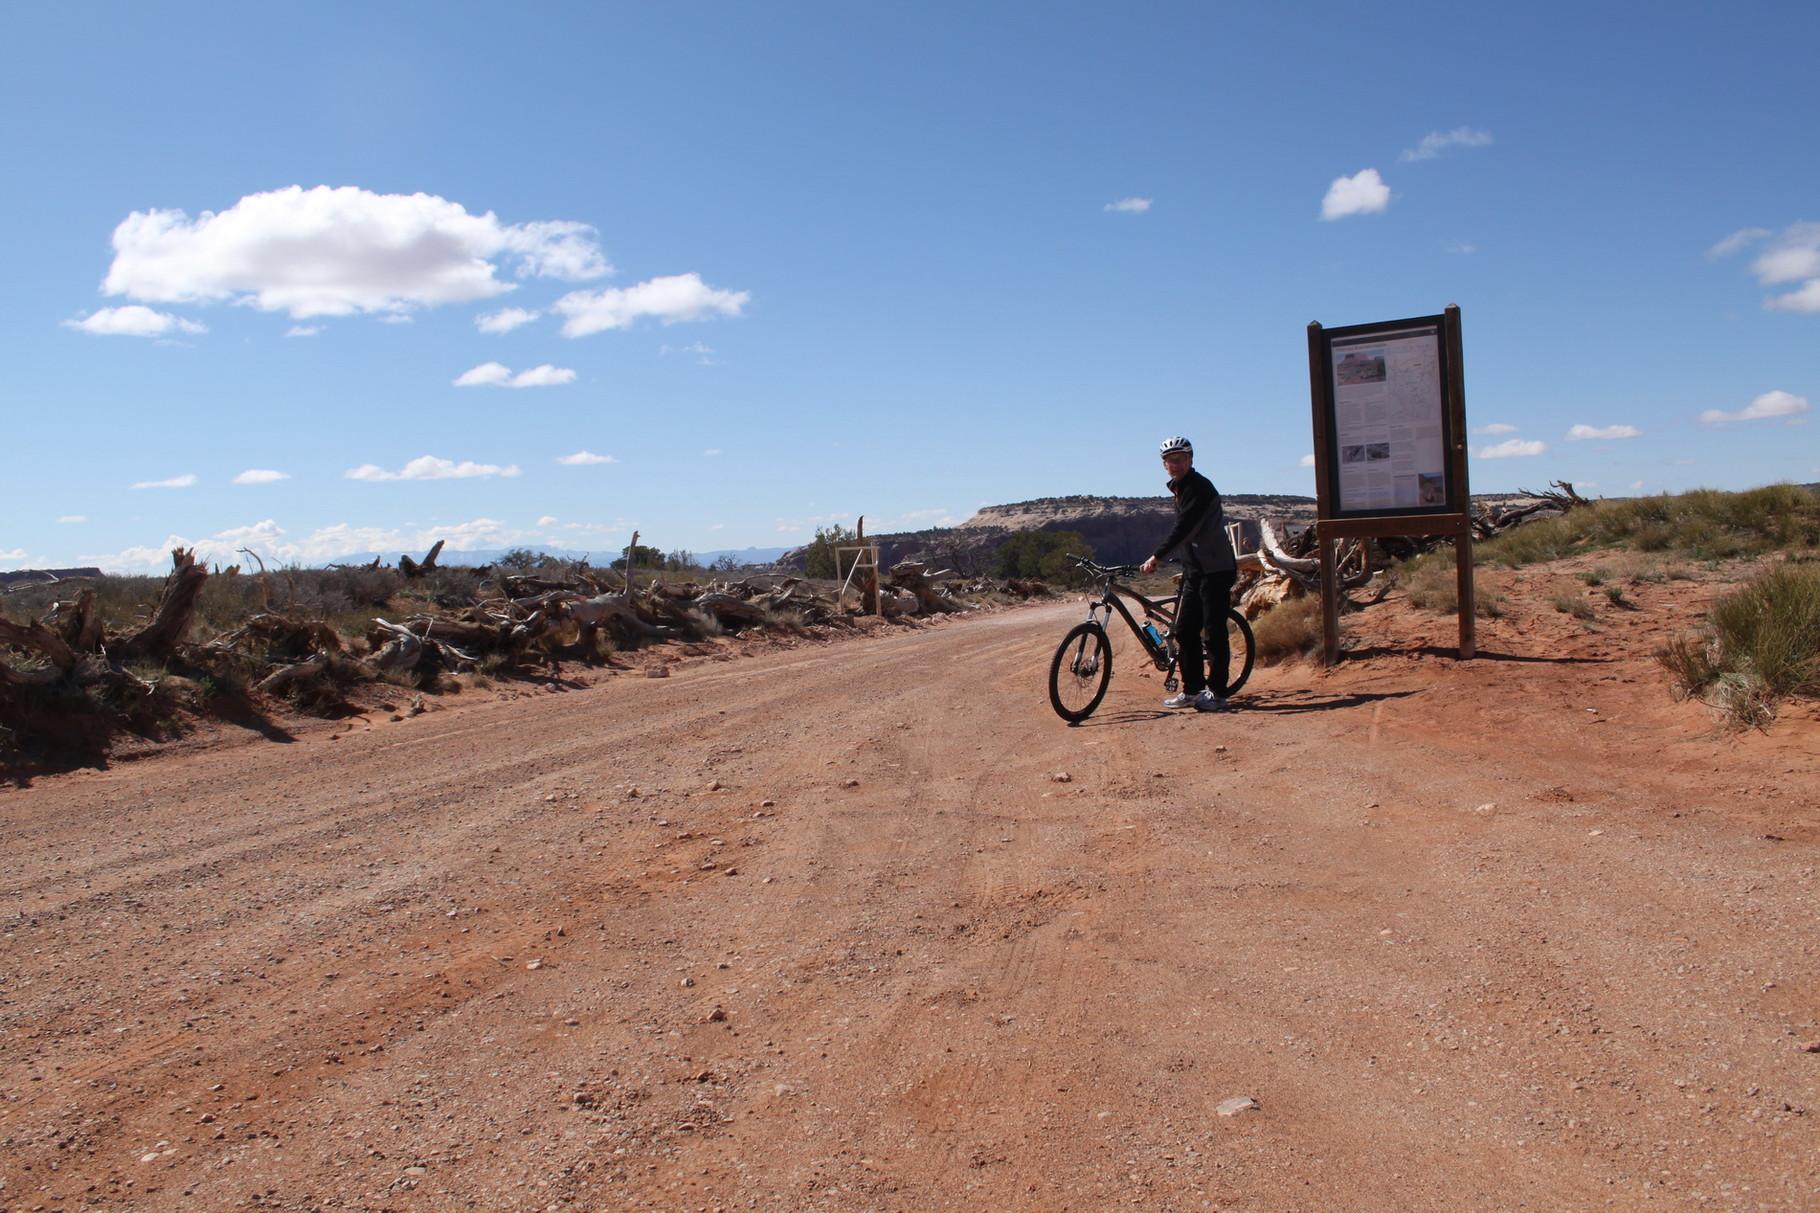 Mein Leih-Mountain-Bike und ich.